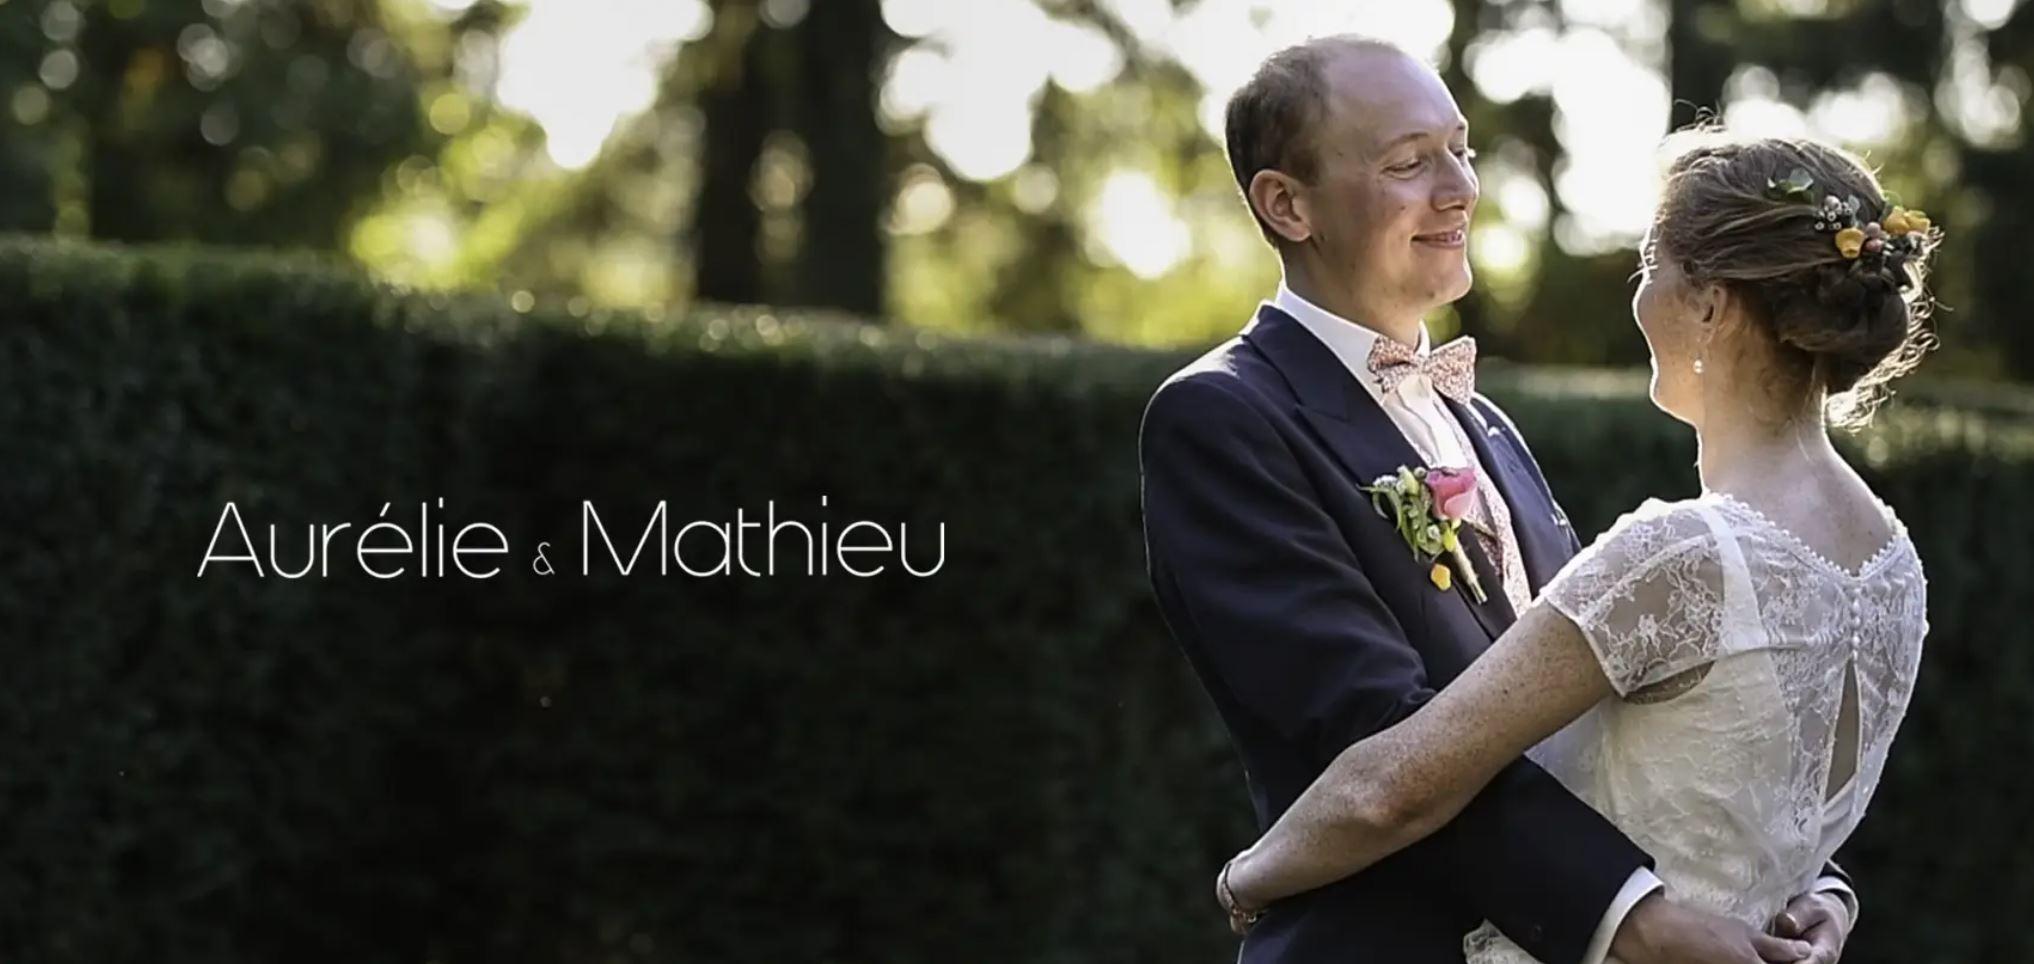 Aurélie & Mathieu